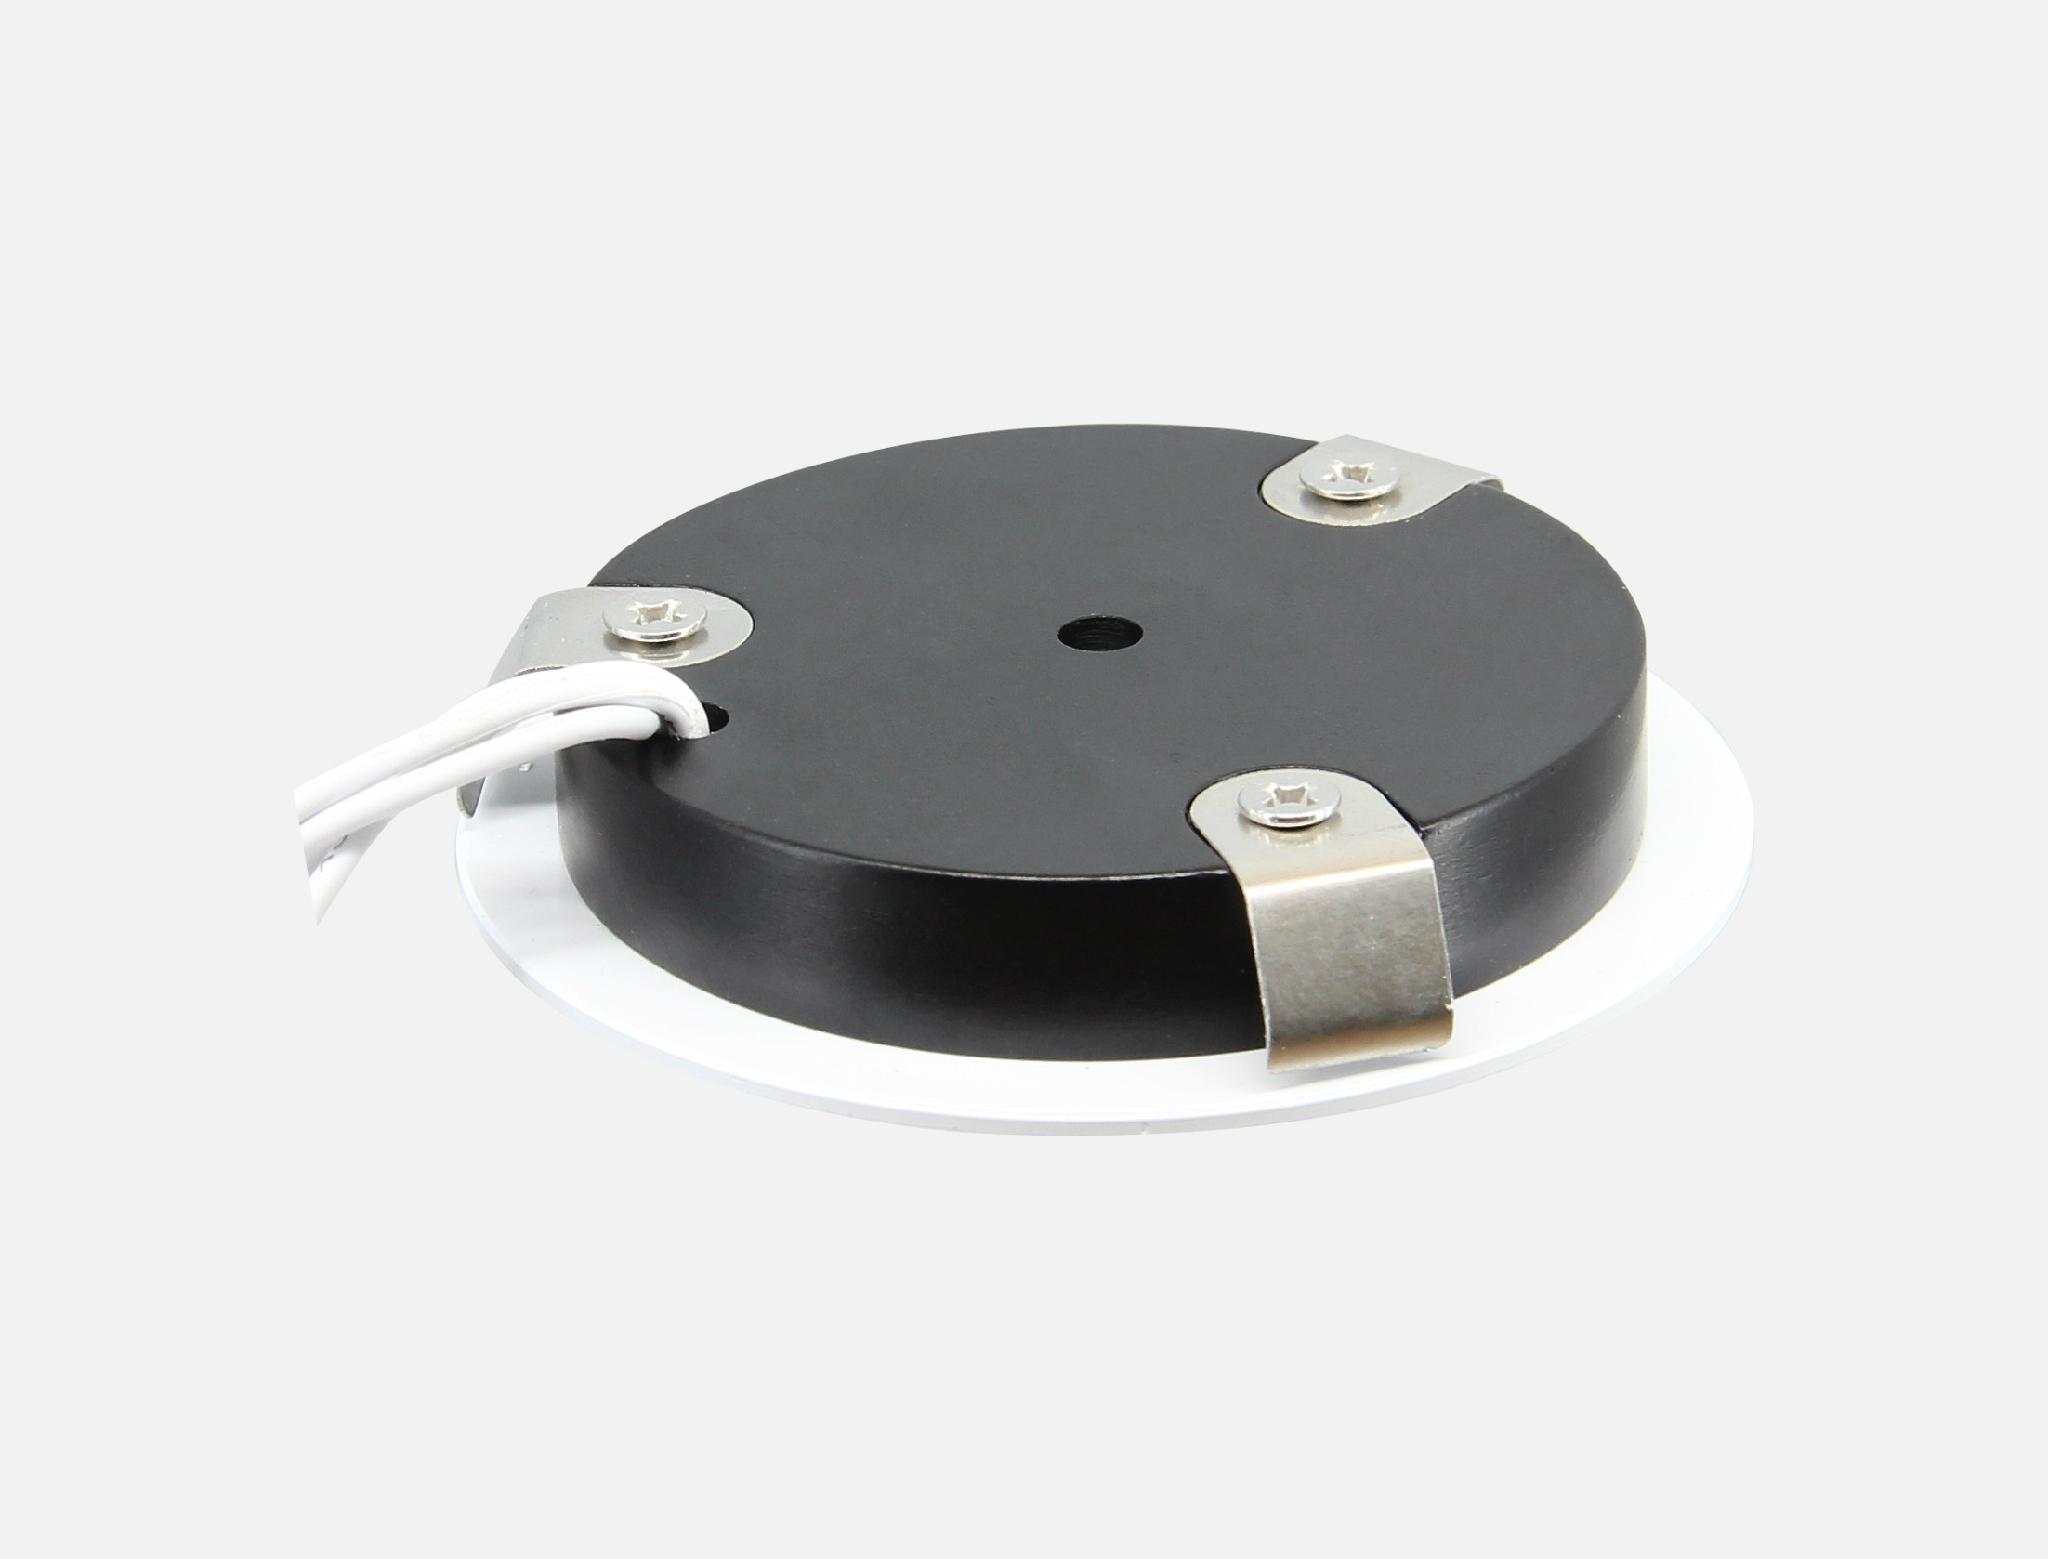 LED 橱柜灯 3